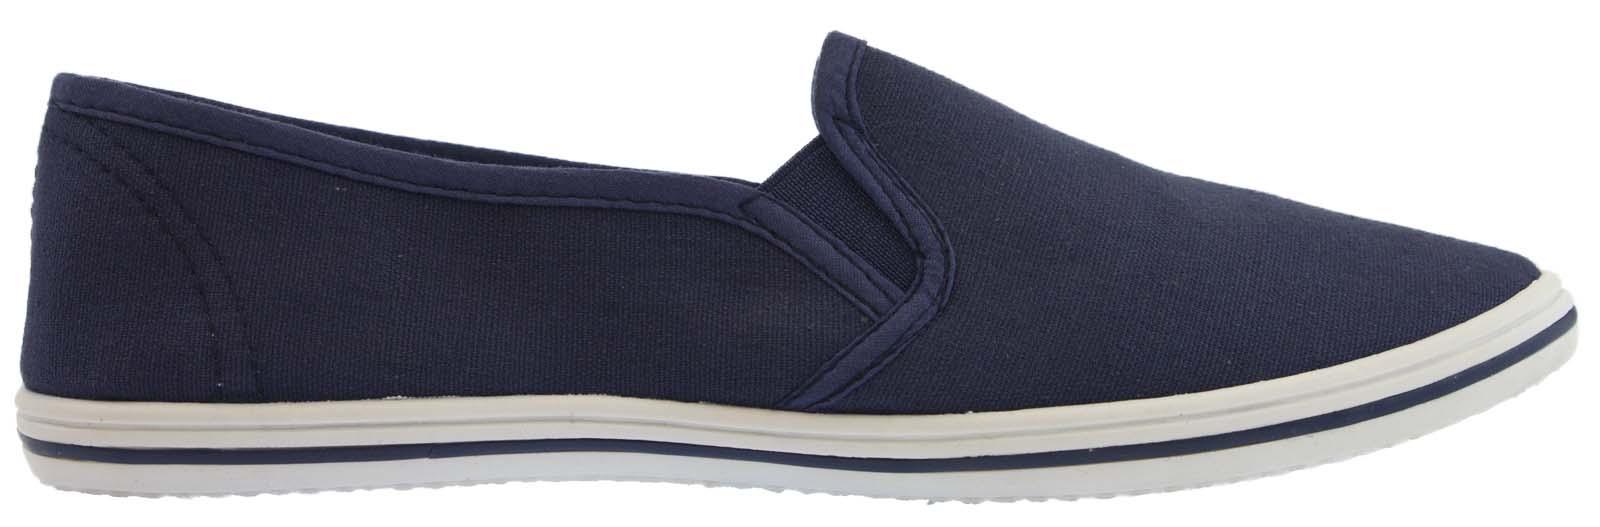 756e792f70e Mens Canvas Pumps Plimsoles Plimsolls Trainers Espadrilles Shoes Boys Size  UK 7-12 Shoe Directory